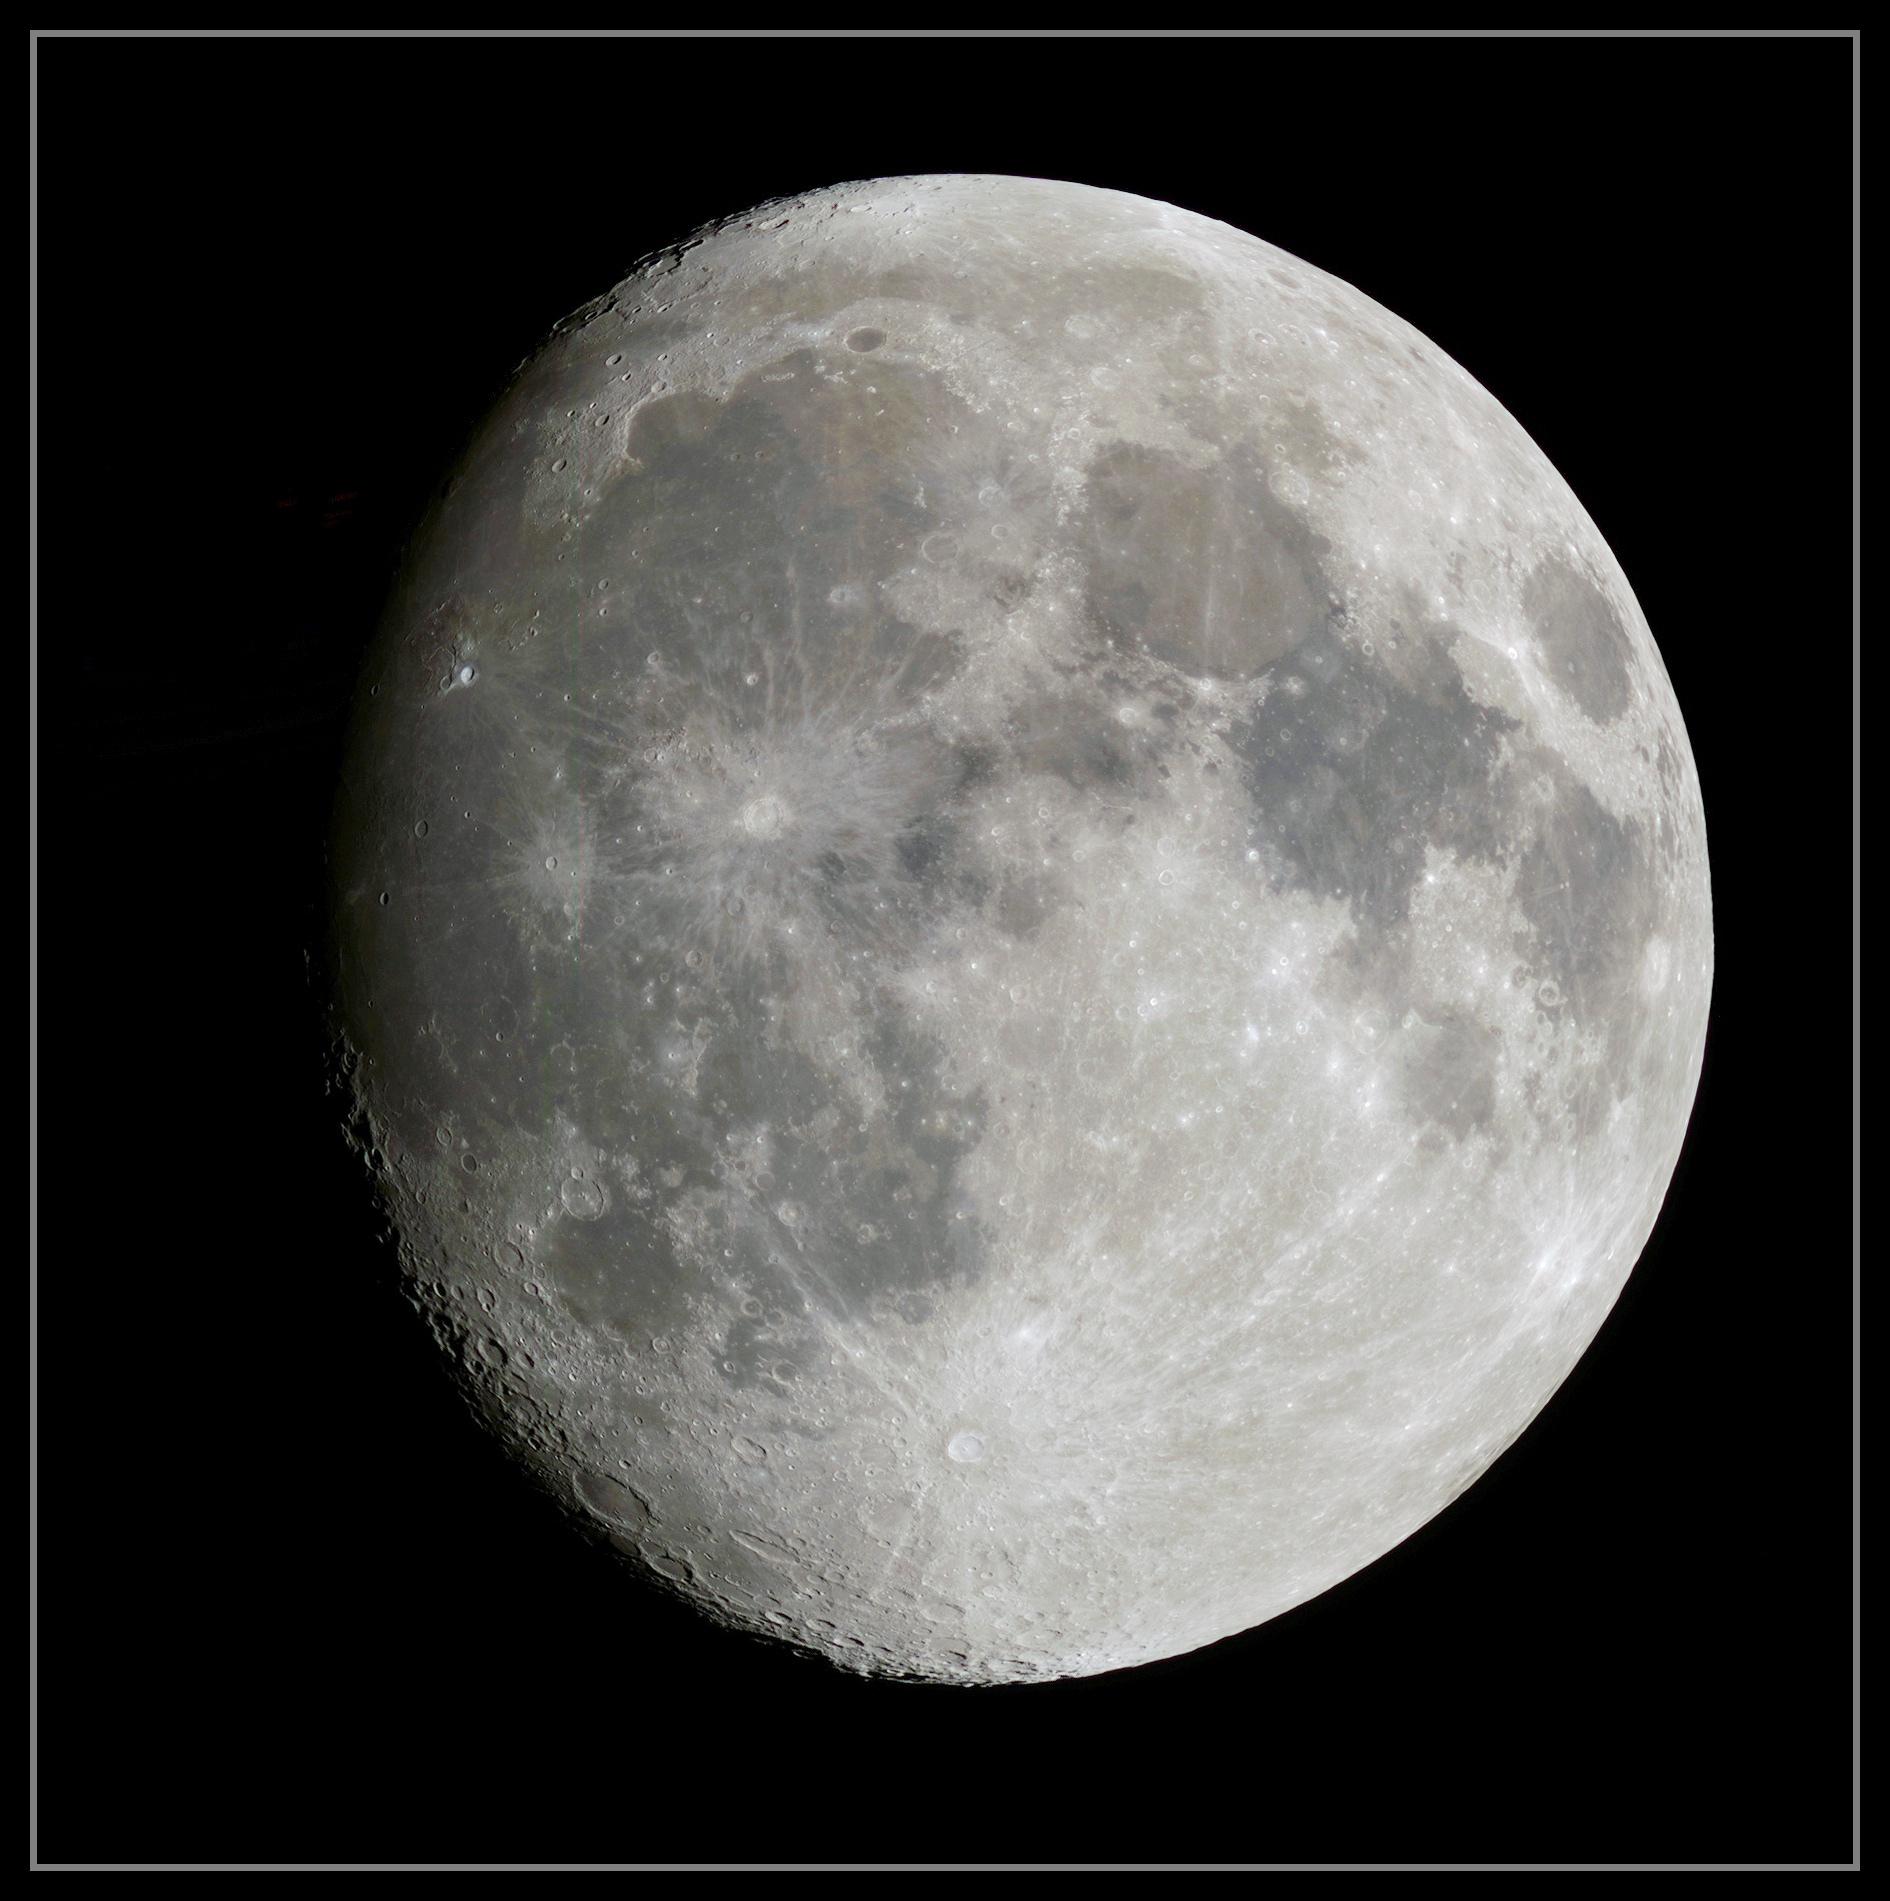 5e3ef4a7a165a_Moon_212734_060220_ZWOASI224MC_RGB_AS_P15_lapl3_ap942_stitchbase30.jpg.856c783867a014042e25040460ff88b0.jpg